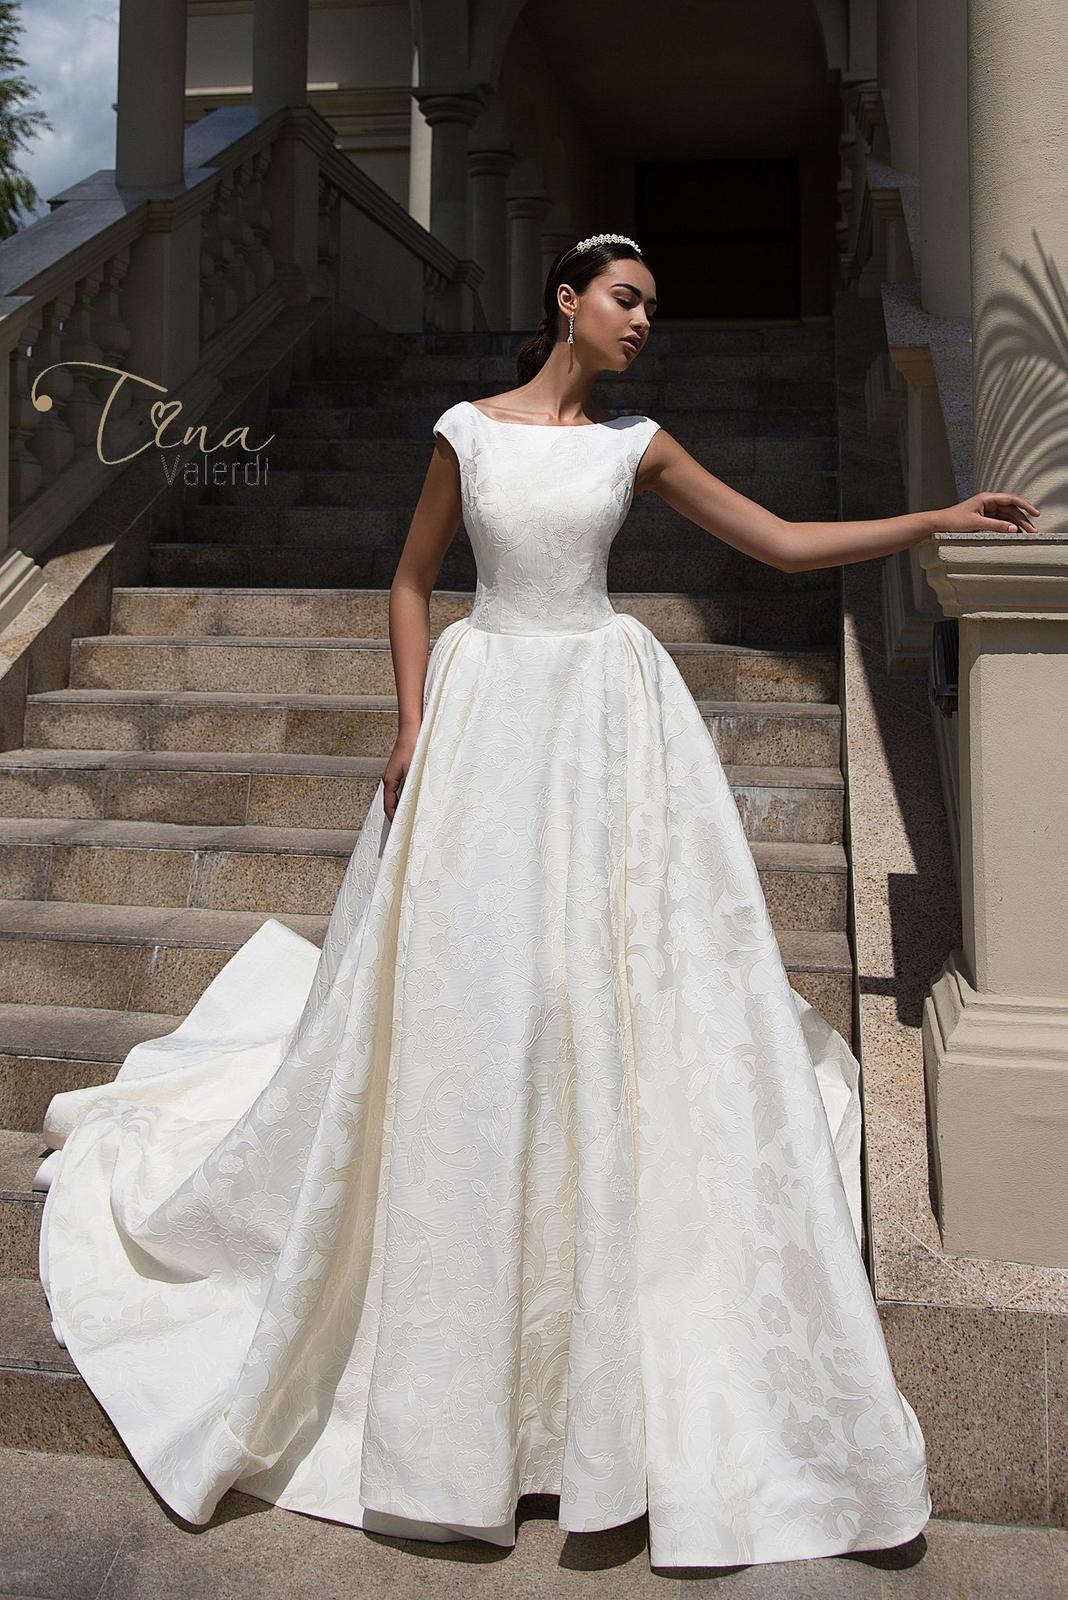 138857f64 Kde zoženiem túto látku na svadobné šaty? - - Spo...